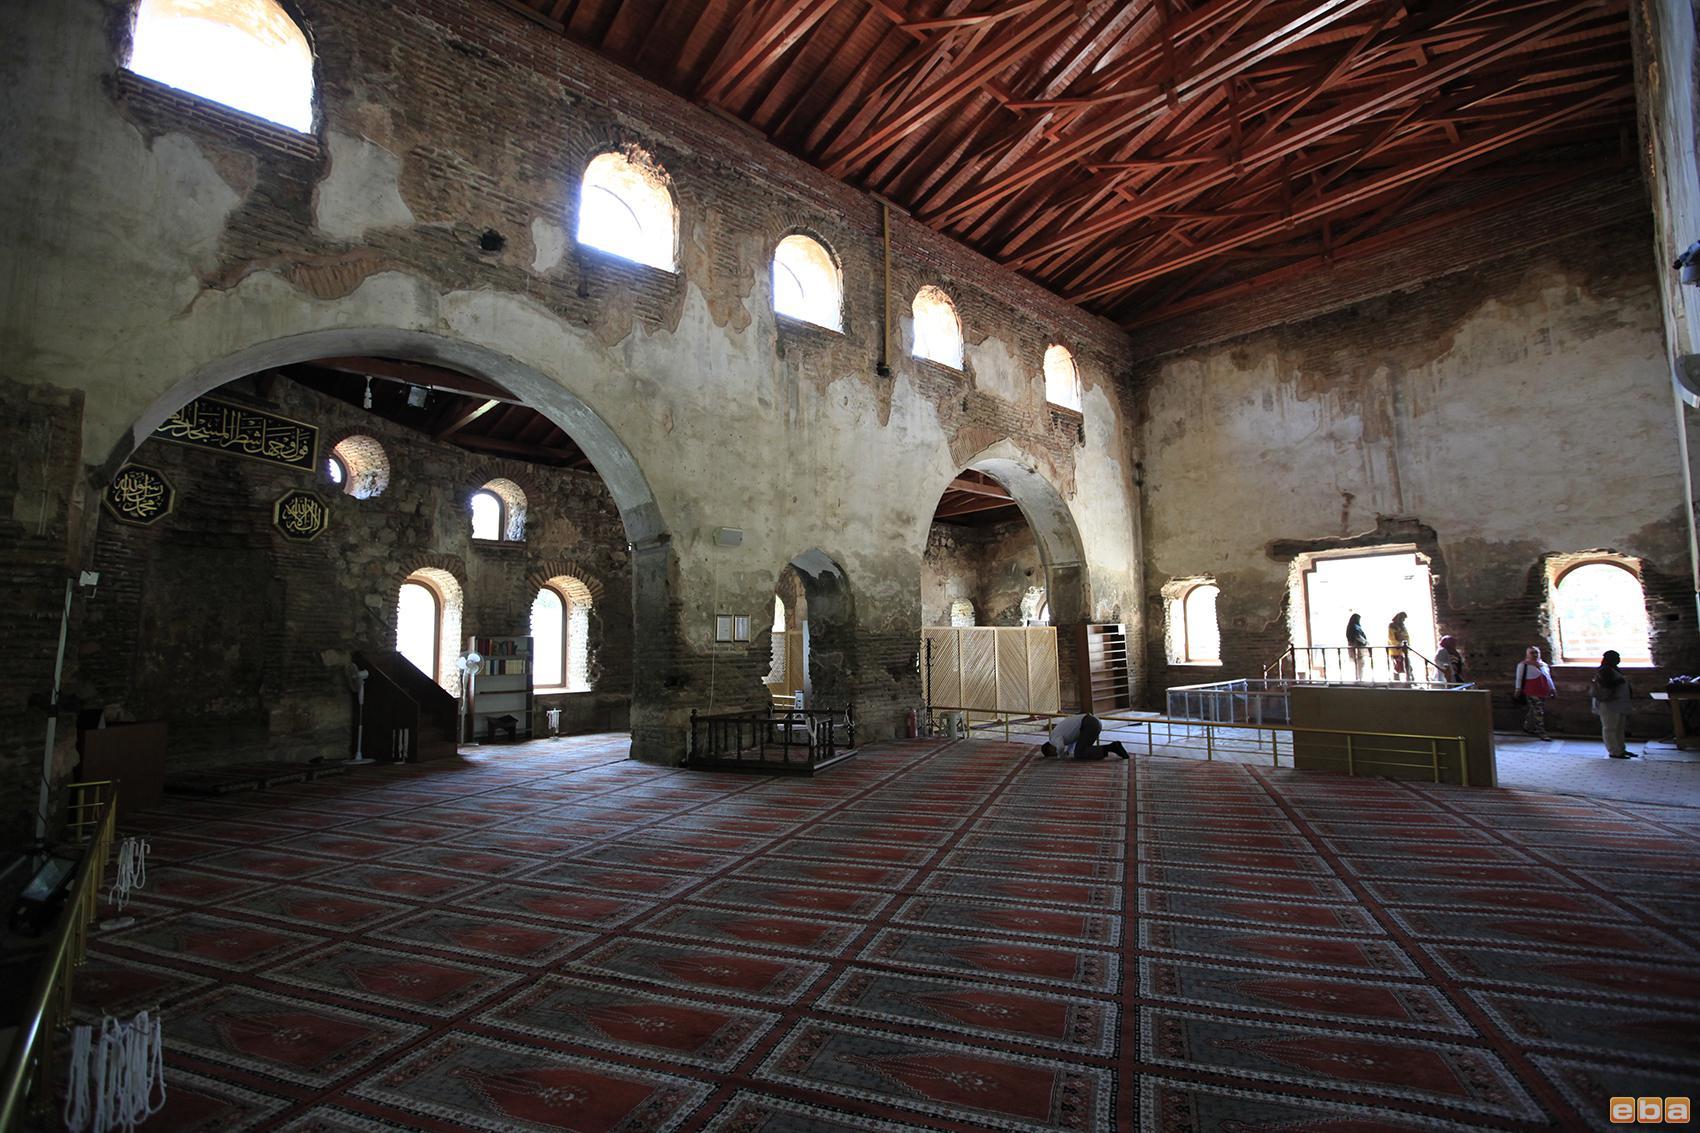 iznik ayasofya ne zaman cami yapıldı ile ilgili görsel sonucu